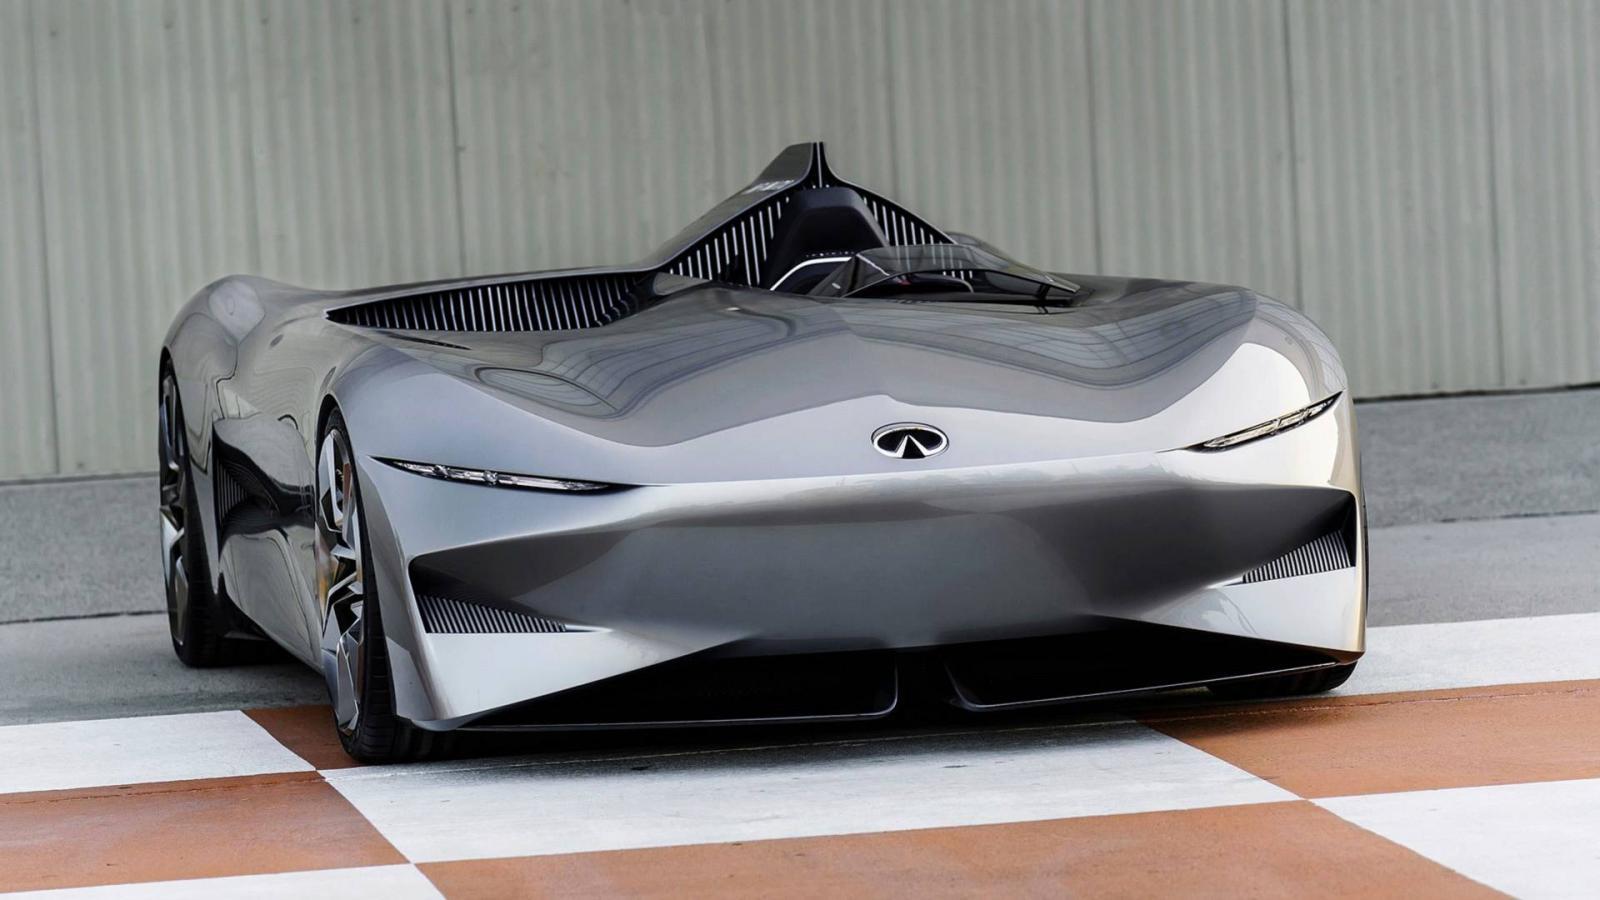 Инфинити показала новый электрический концептуальный автомобиль